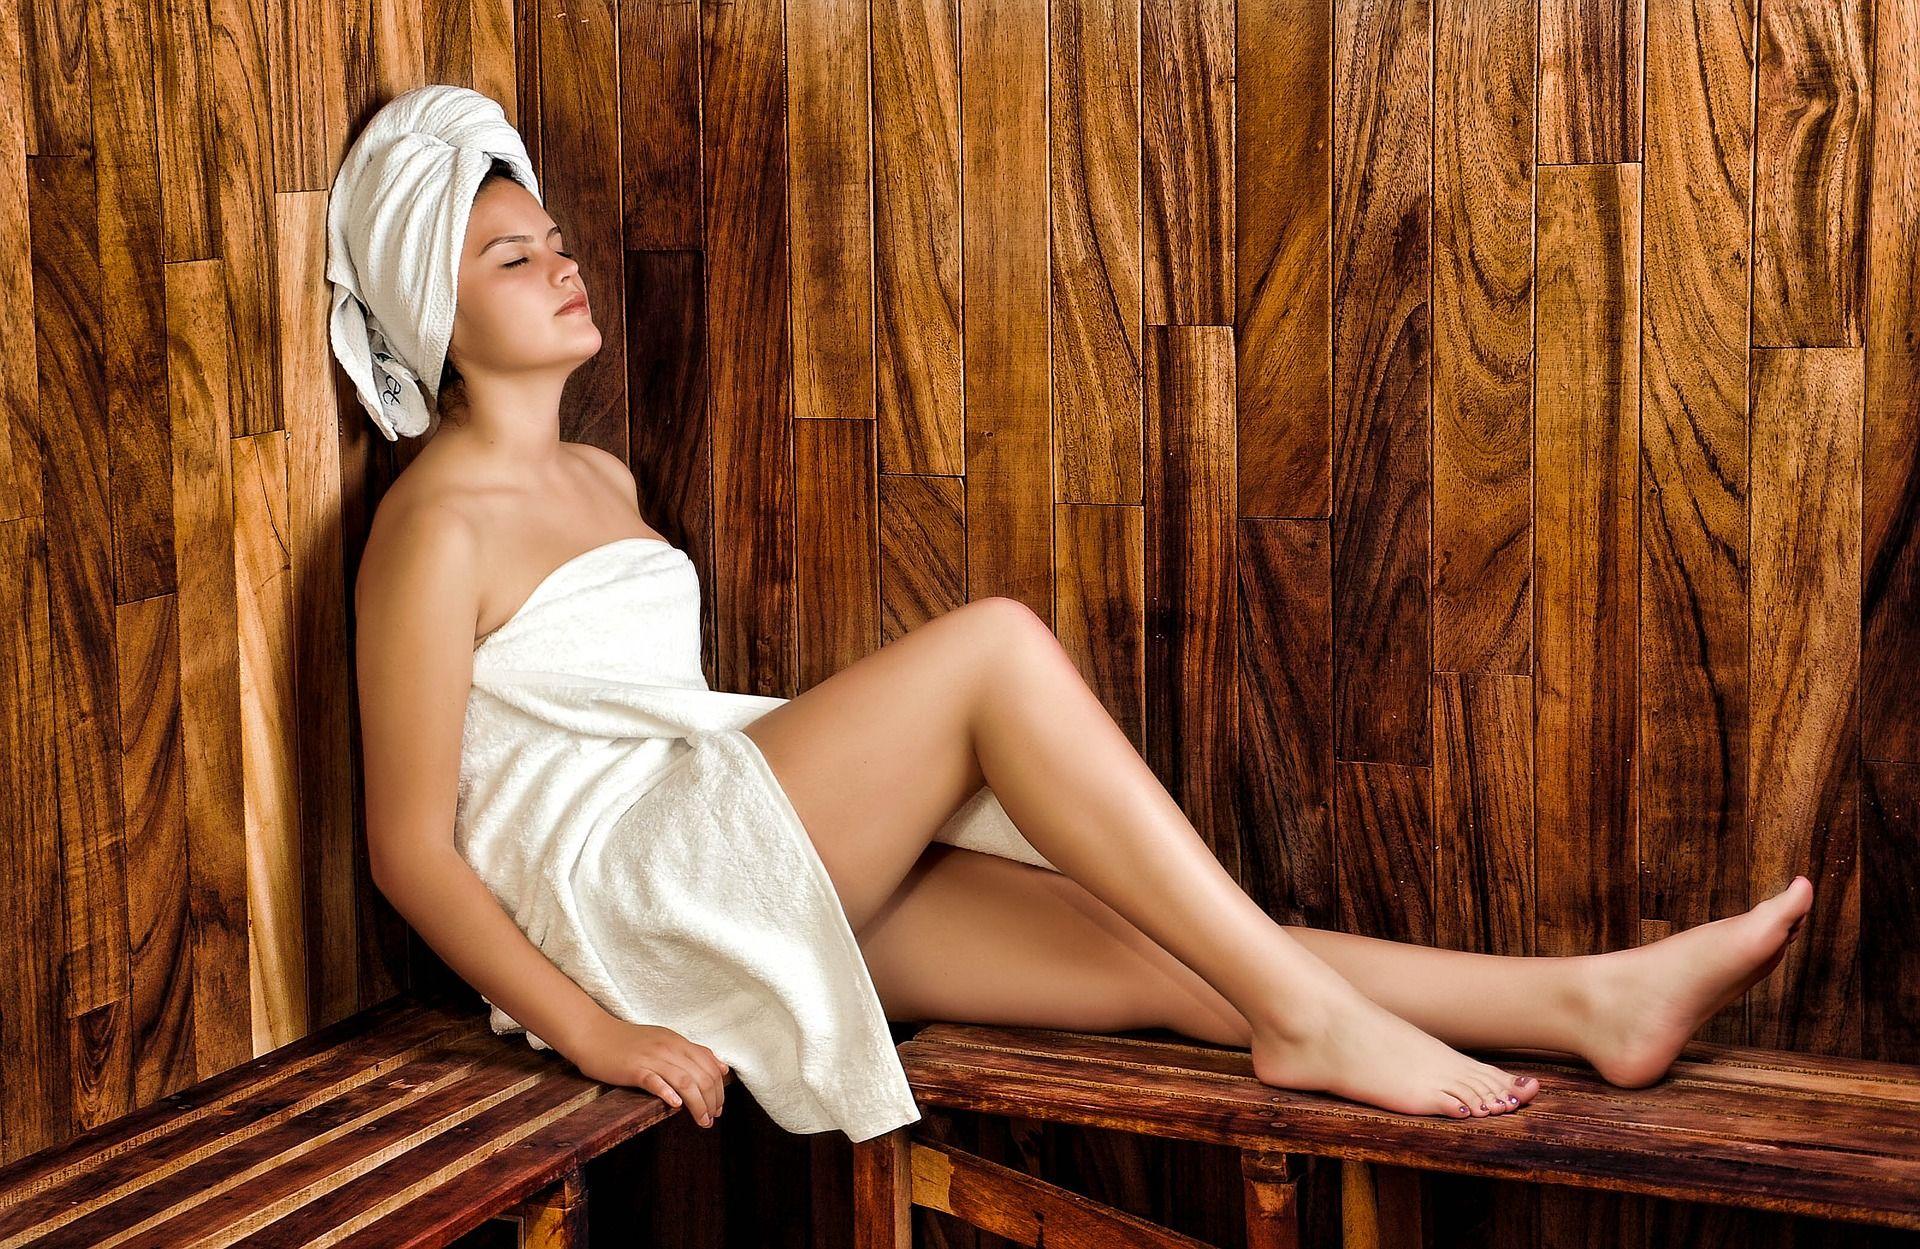 Entspannen in der Sauna: Die Apple Watch hat praktische Funktionen, die den gesundheitsbewussten Saunagänger unterstützen. Foto: Pixabay